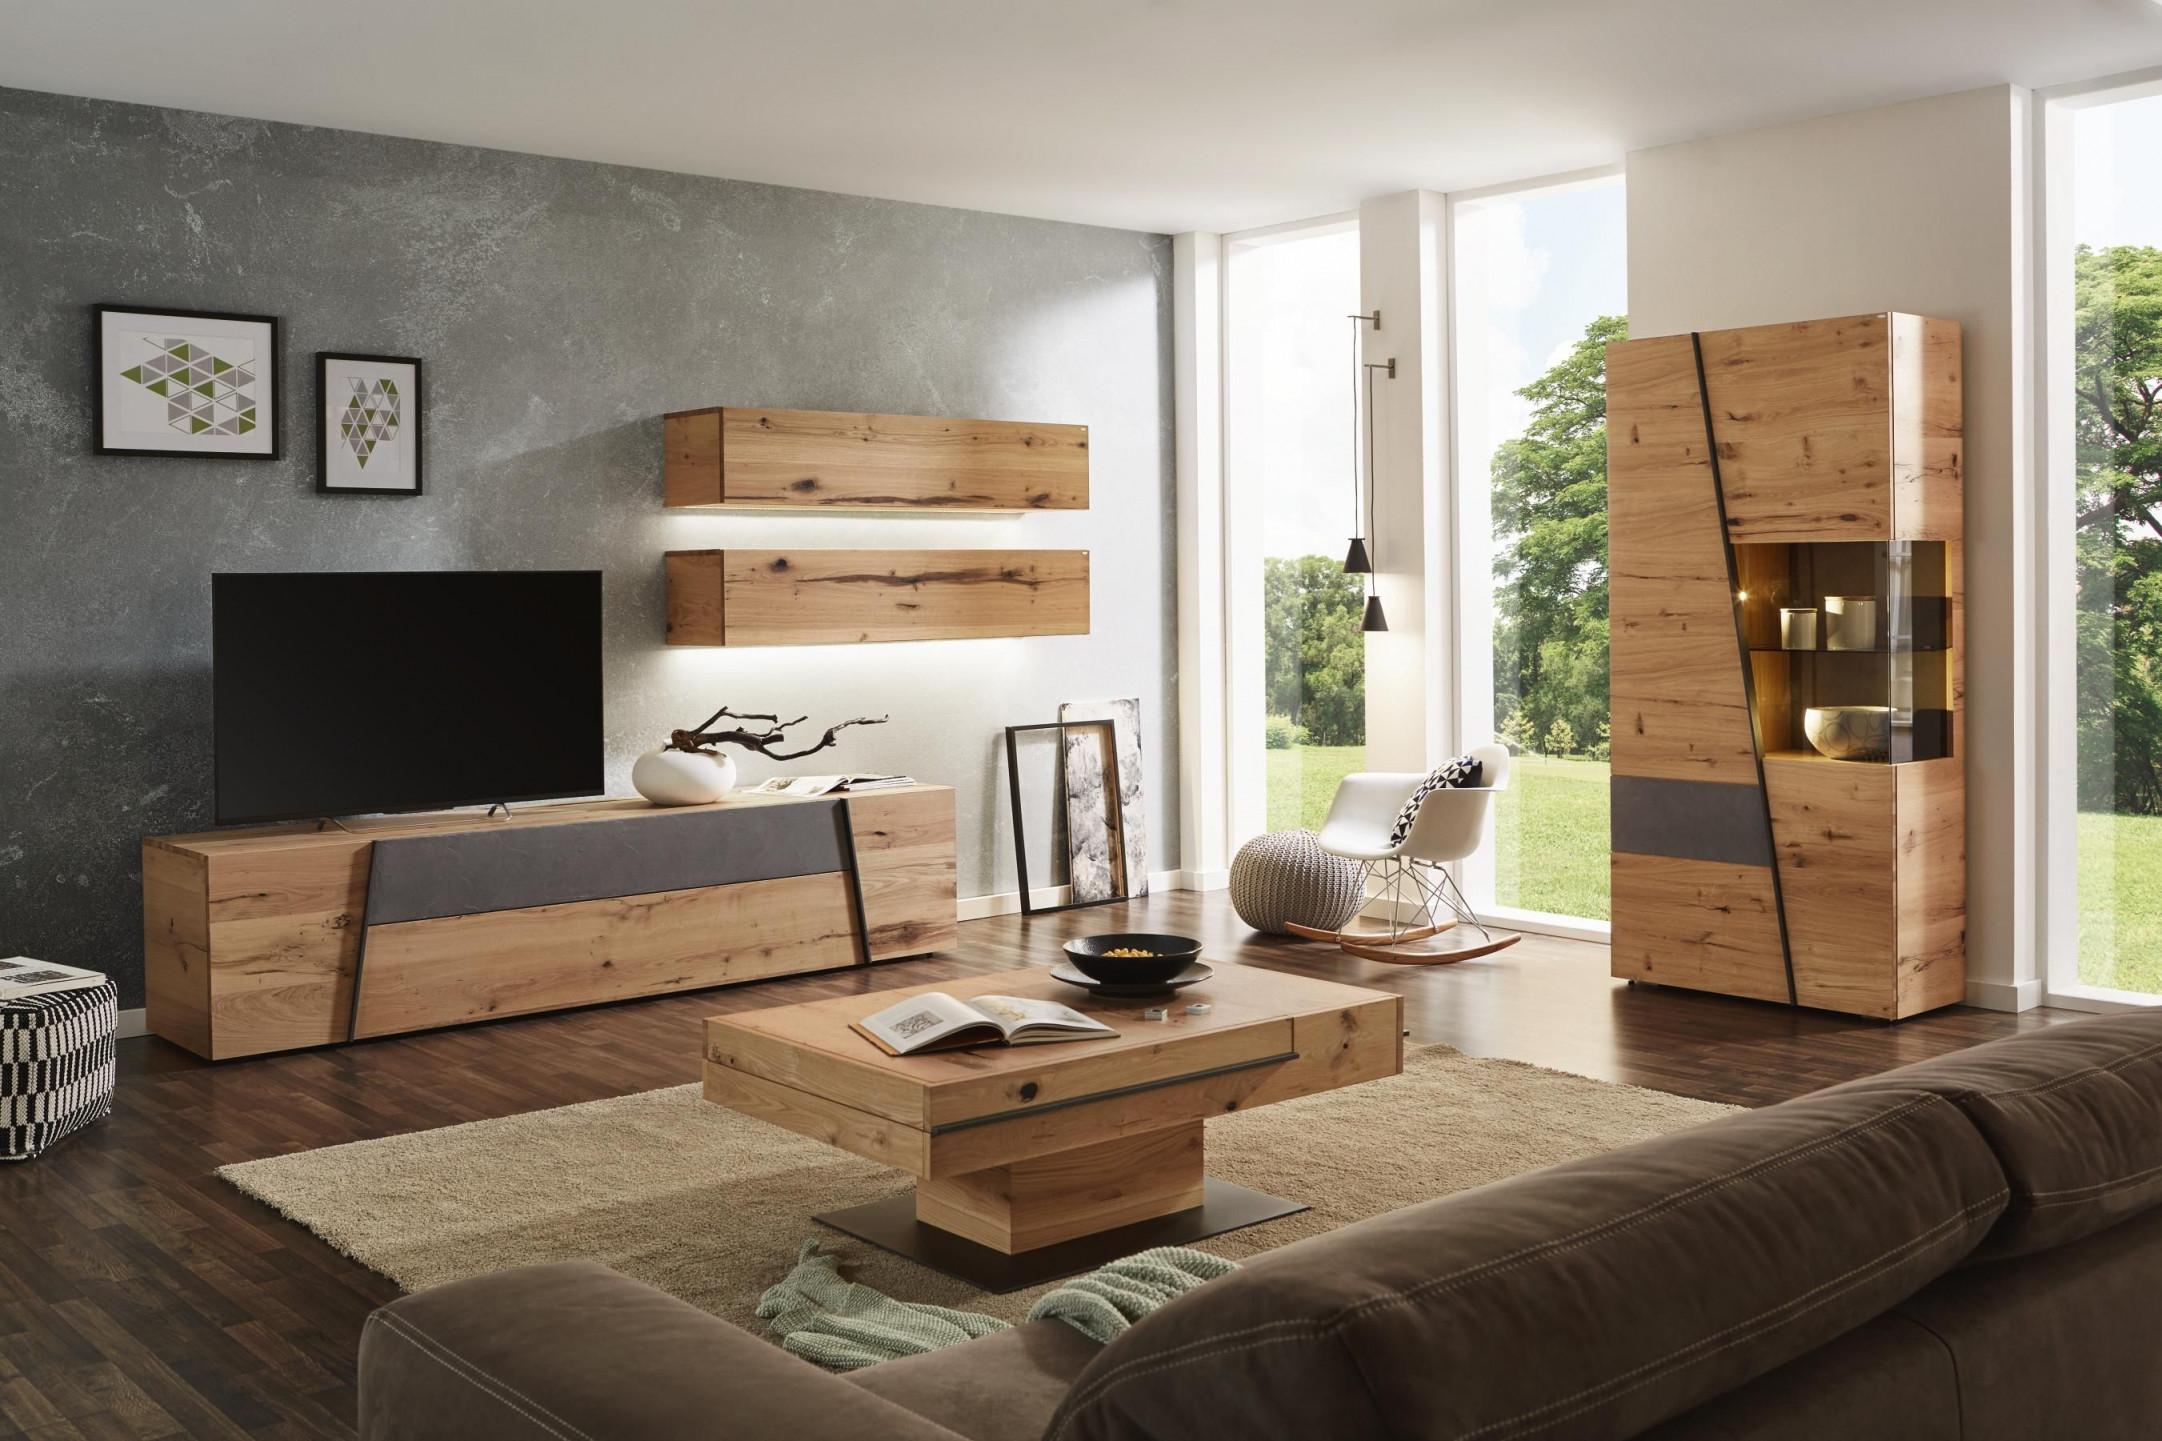 Wohnwand In Grau Naturfarben Von Voglauer  Wohnzimmer von Wohnwand Gestalten Wohnzimmer Photo